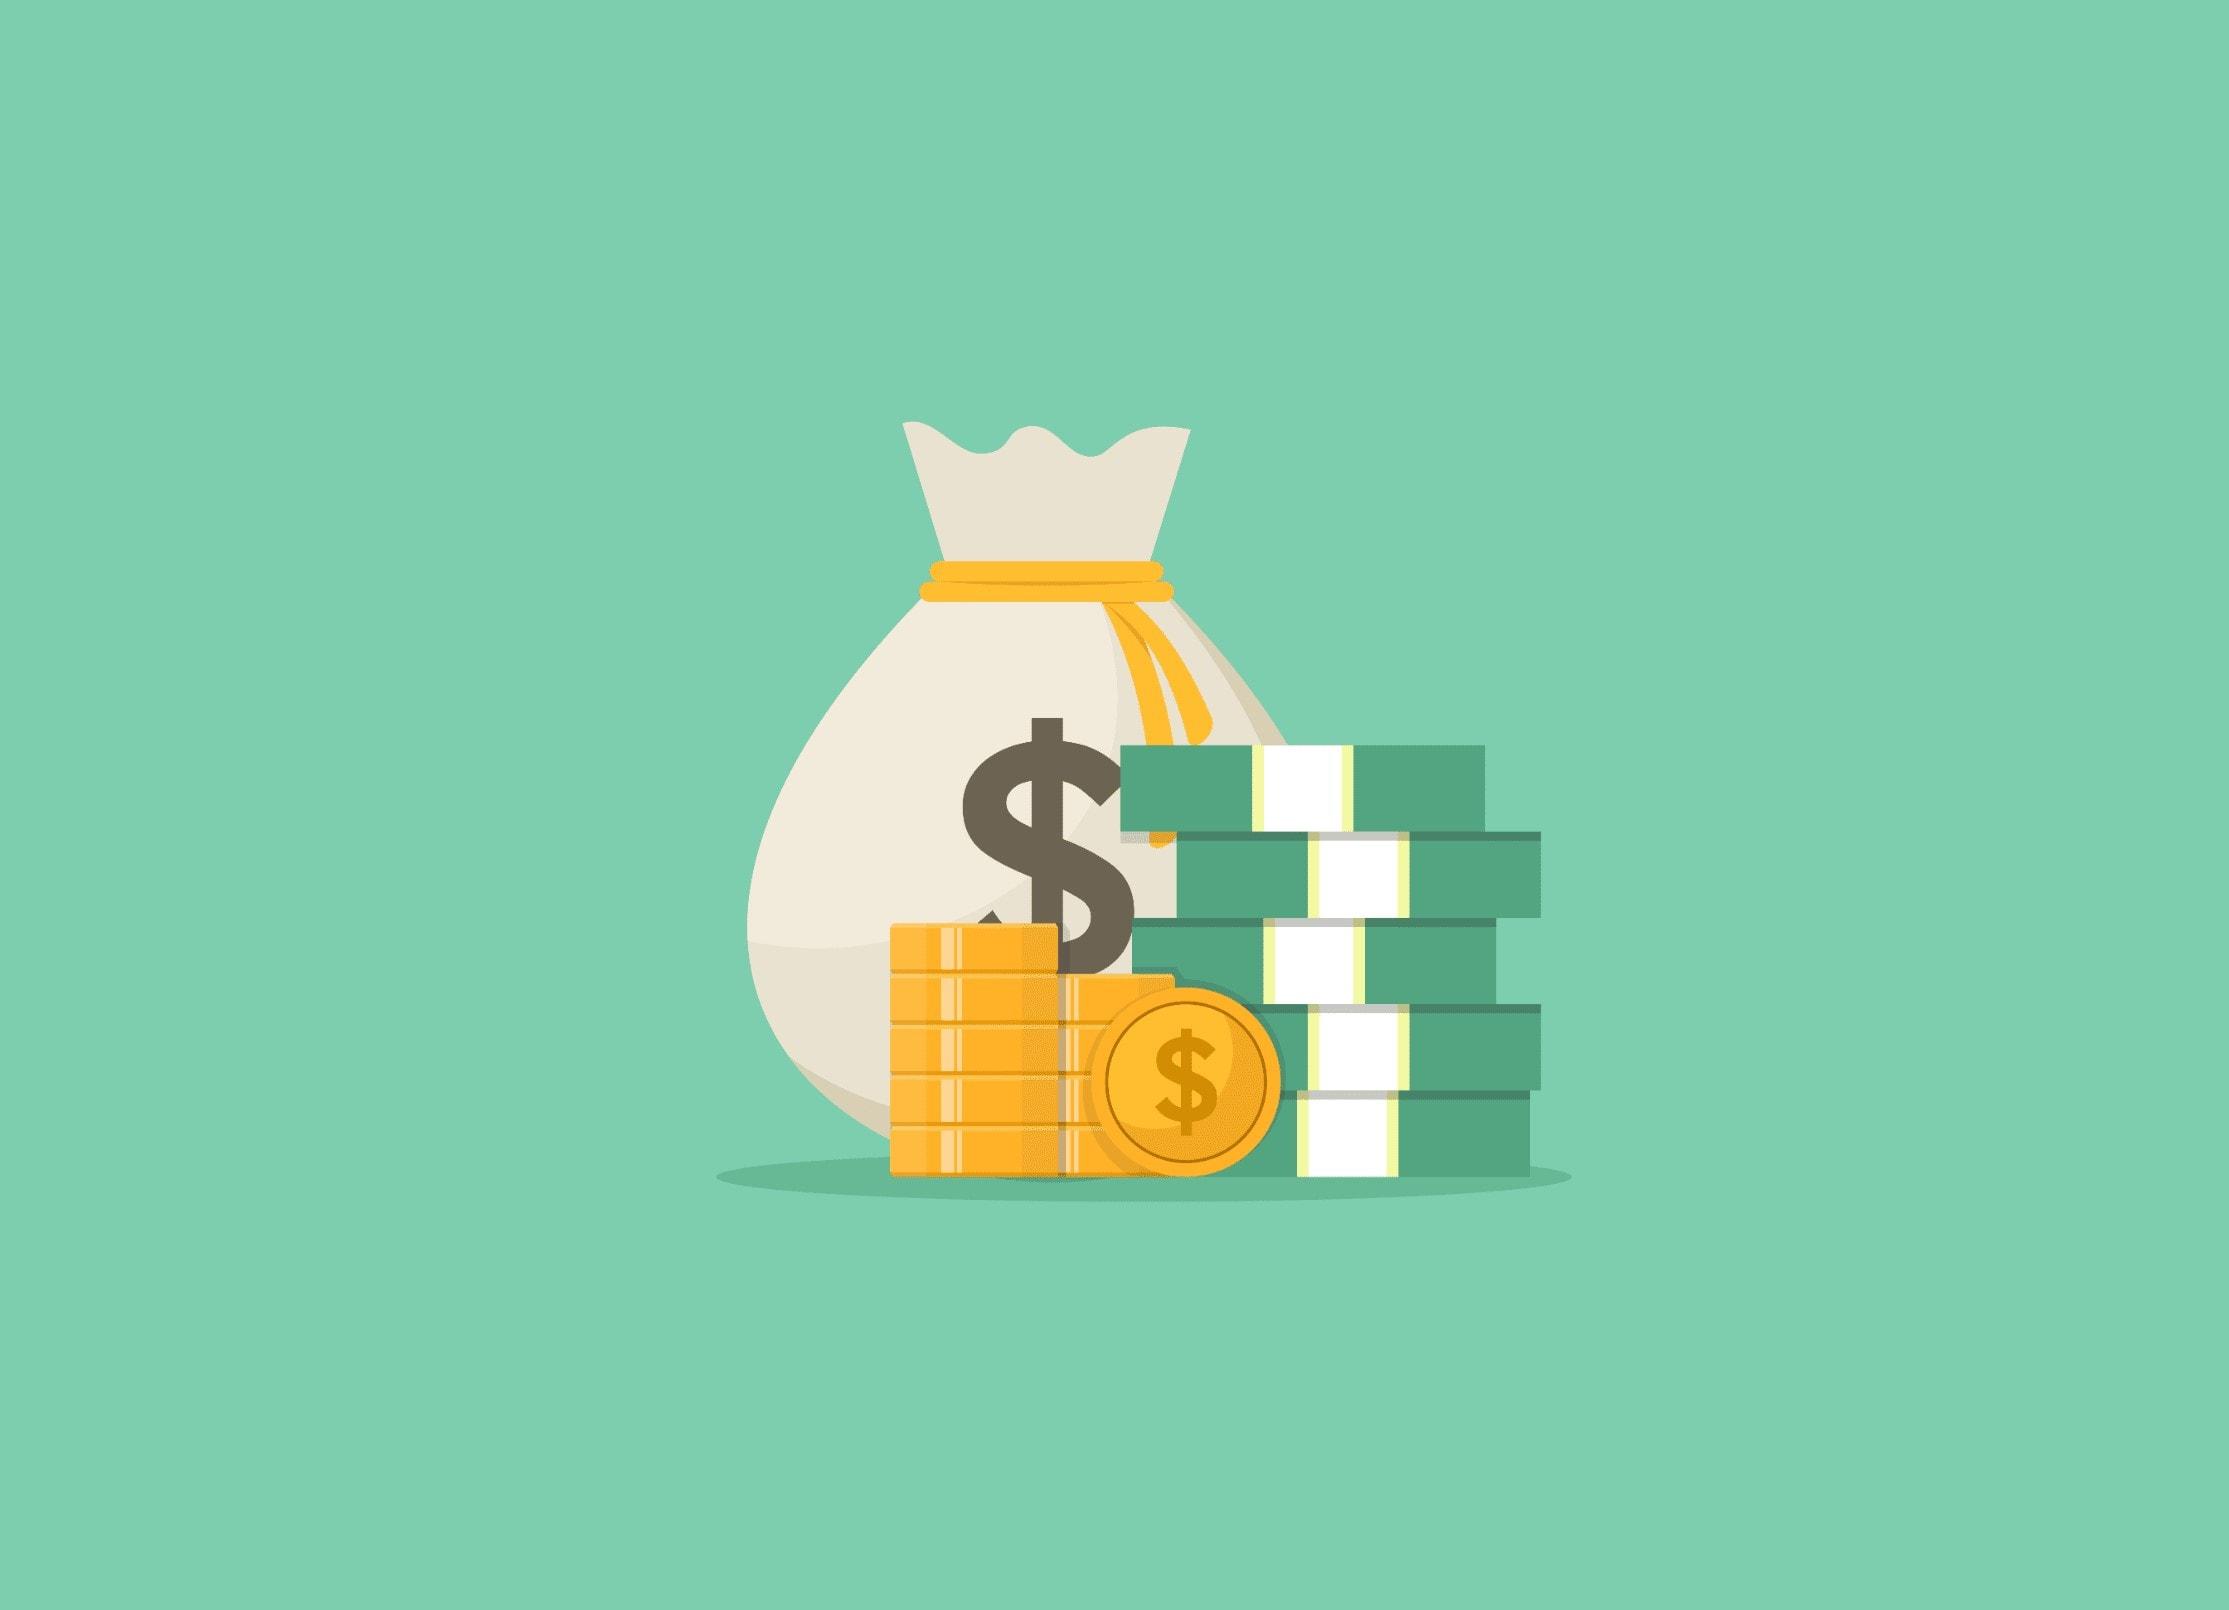 Chi phí tổ chức chương trình cào trúng thưởng